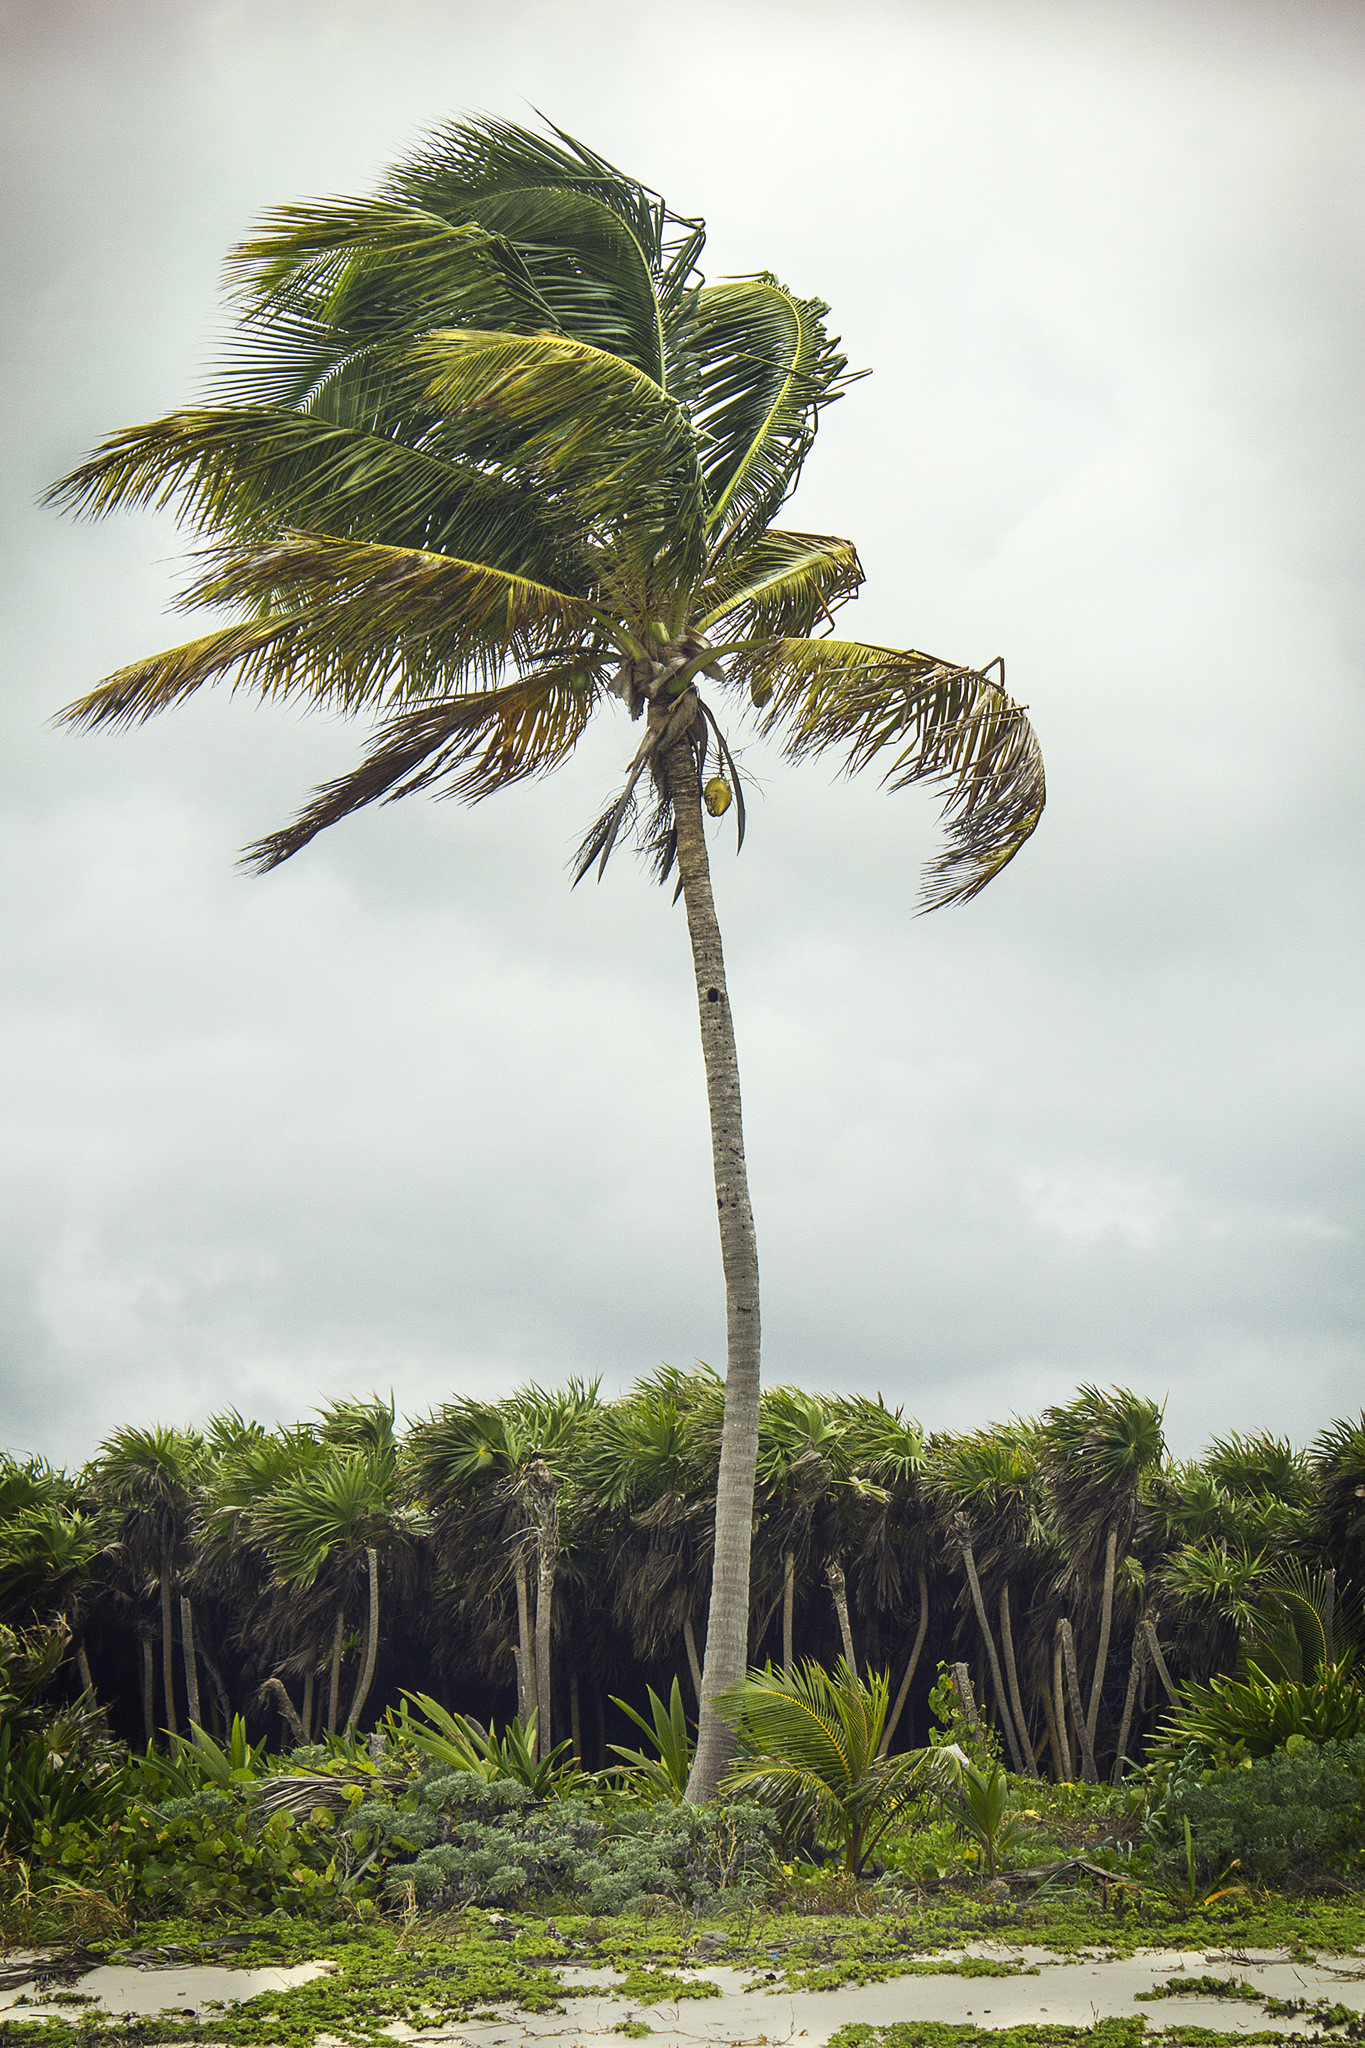 Punta Allen palmera web